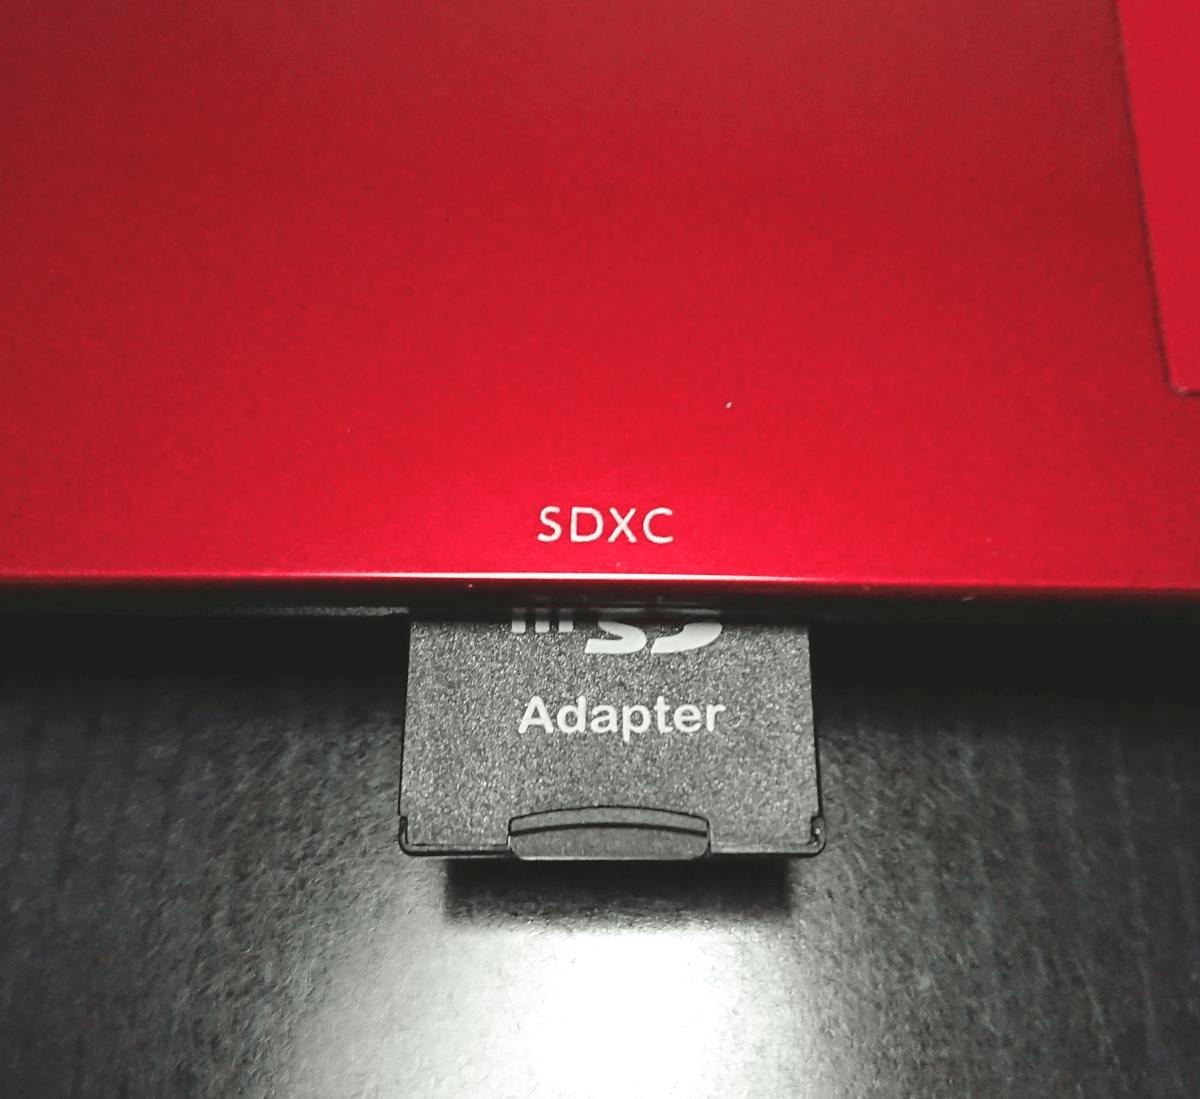 スマホの写真 micro SDカードでパソコンに取り込む